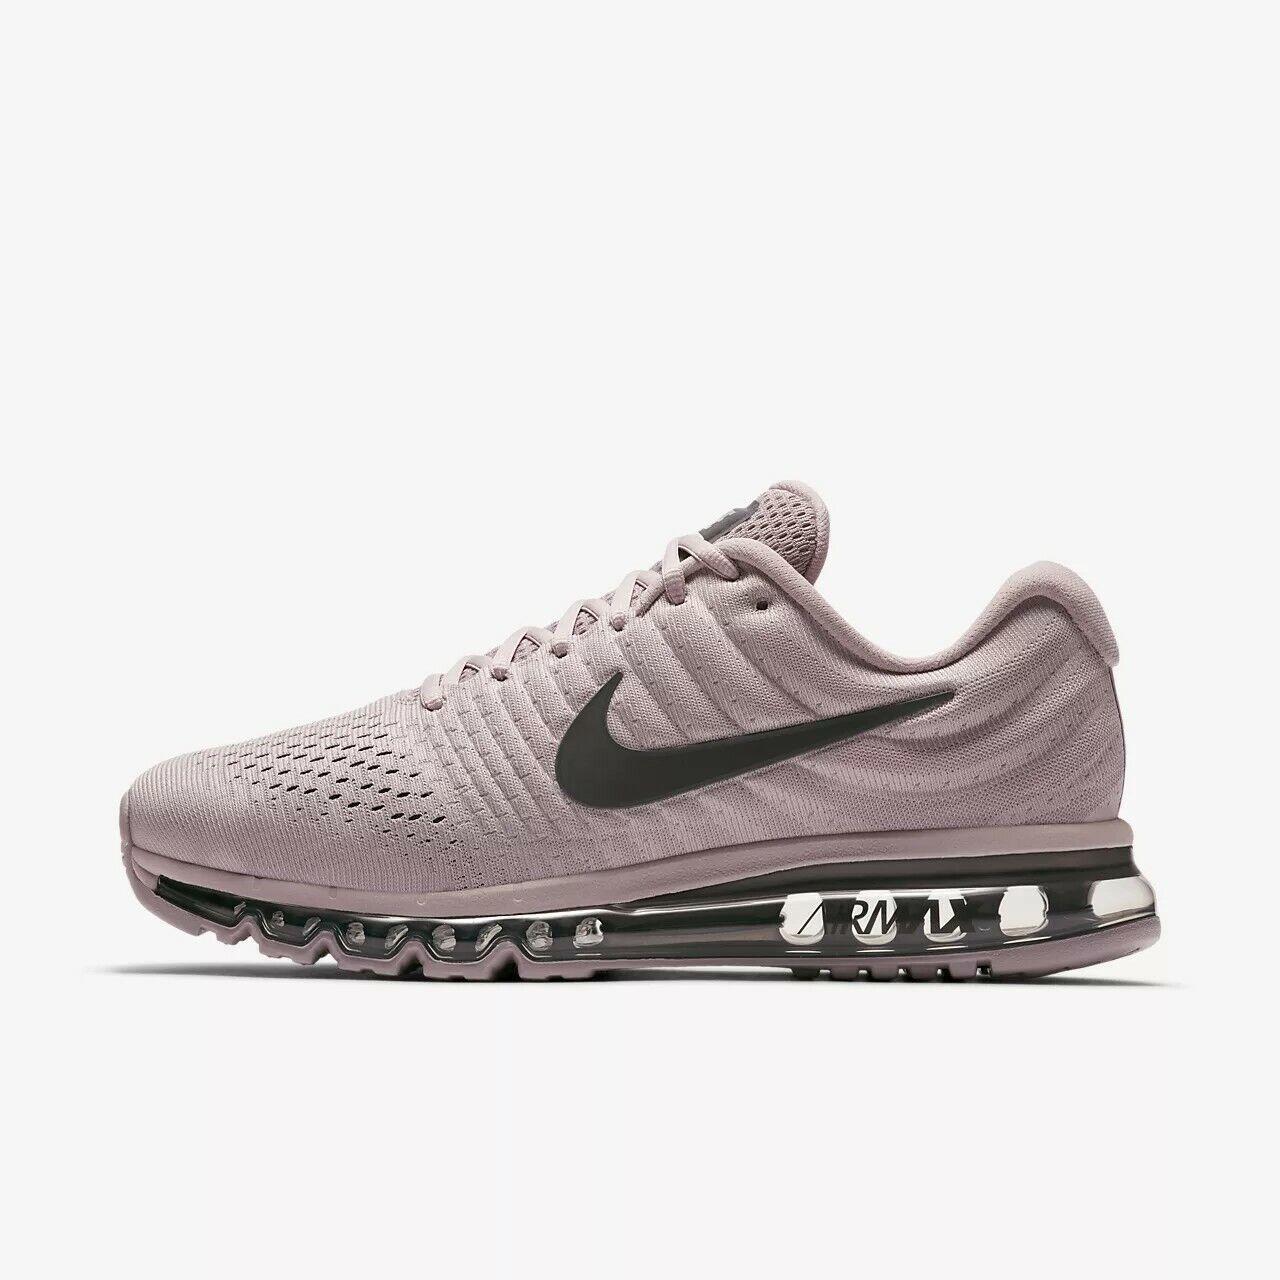 UK 10 Men's Nike Air Max 2017 SE Pink Grey Trainers EUR 45 US 11 AQ8628-600